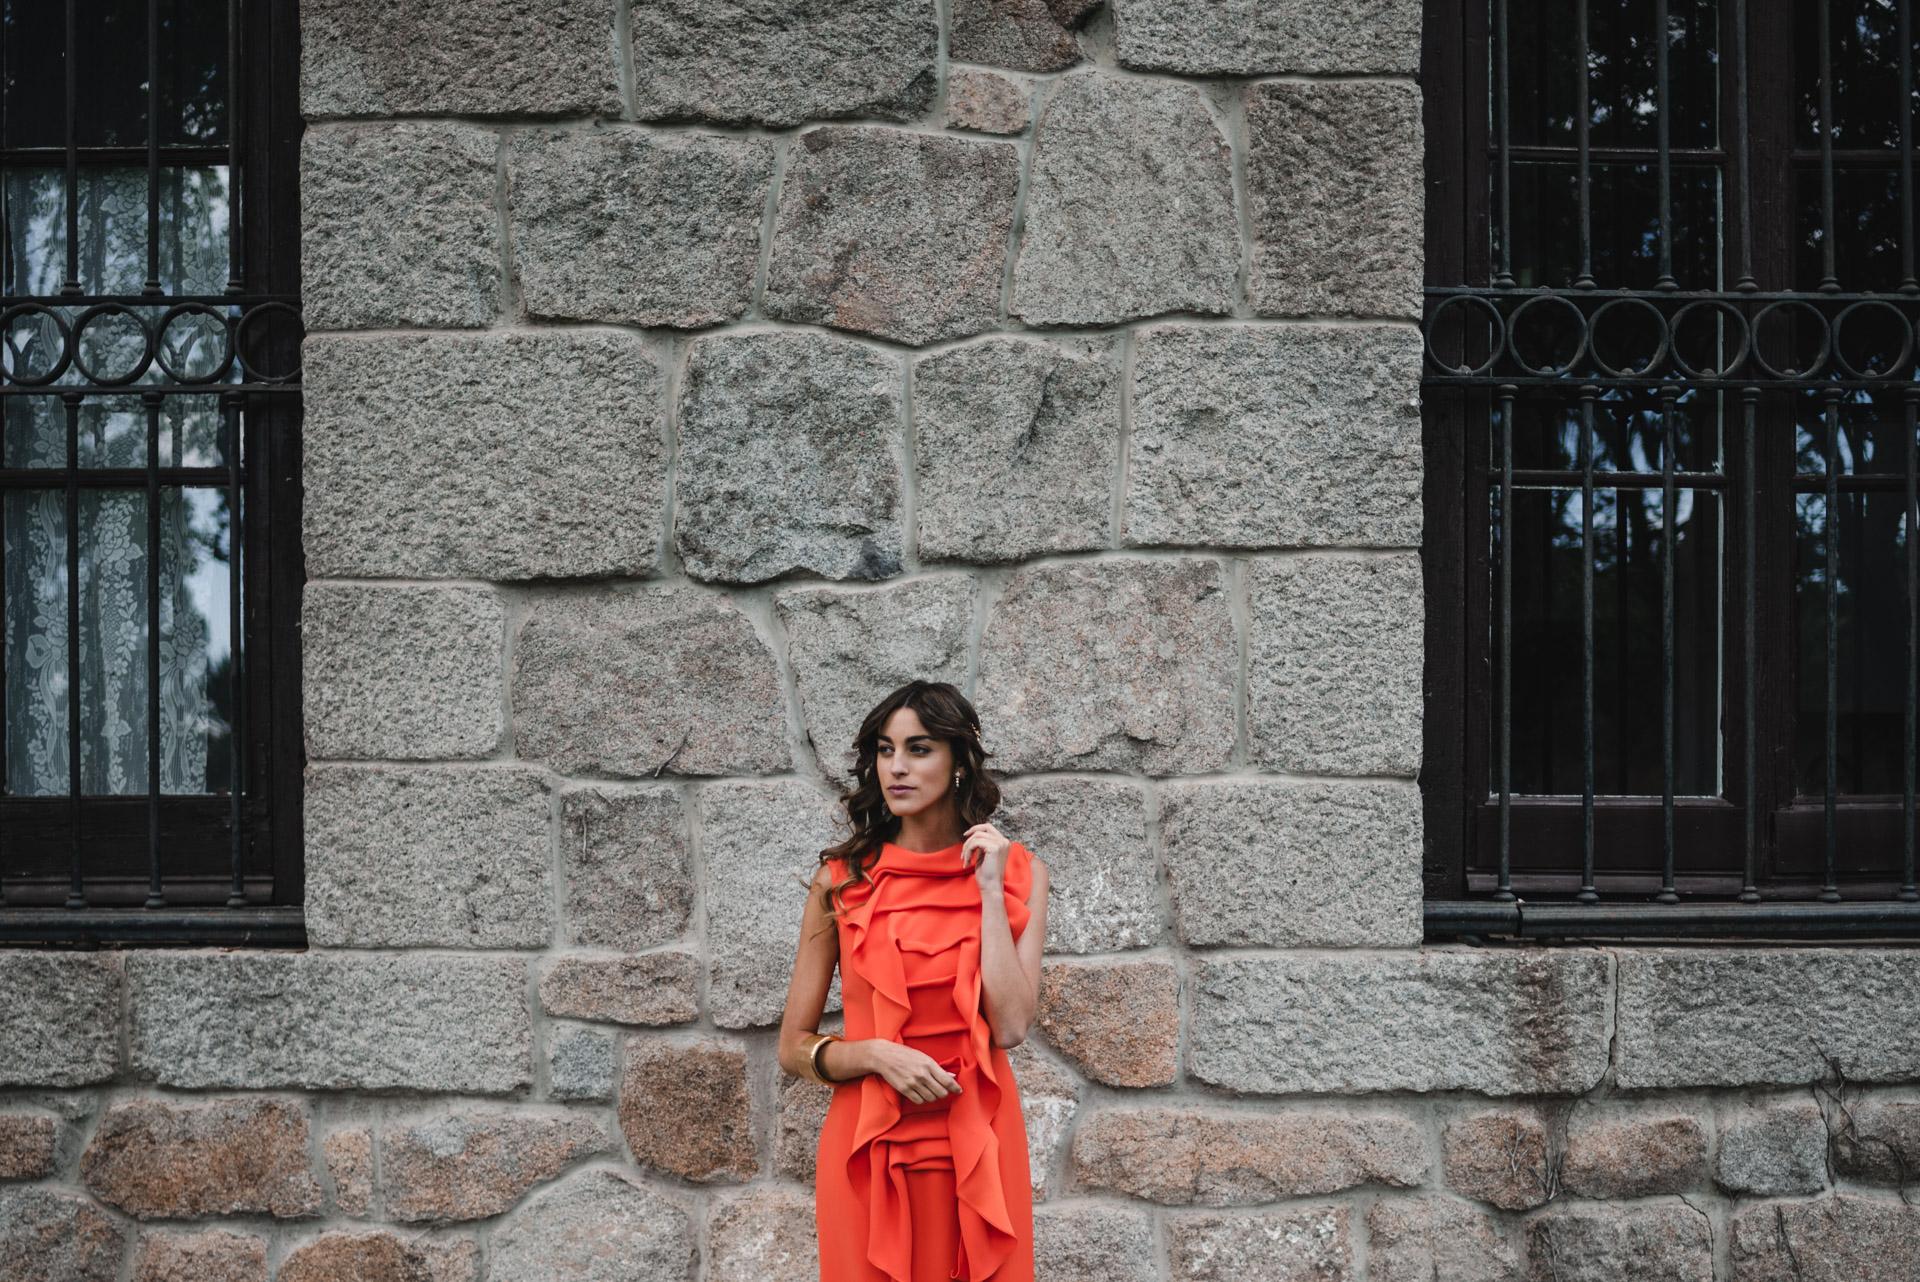 El pasado mes de septiembre, cuando firmas y diseñadores presentaron sus propuestas para la primavera verano de 2019, los trajes, vestidos midi y combinaciones de varias piezas monocolor se situaron en el centro de todas las miradas.